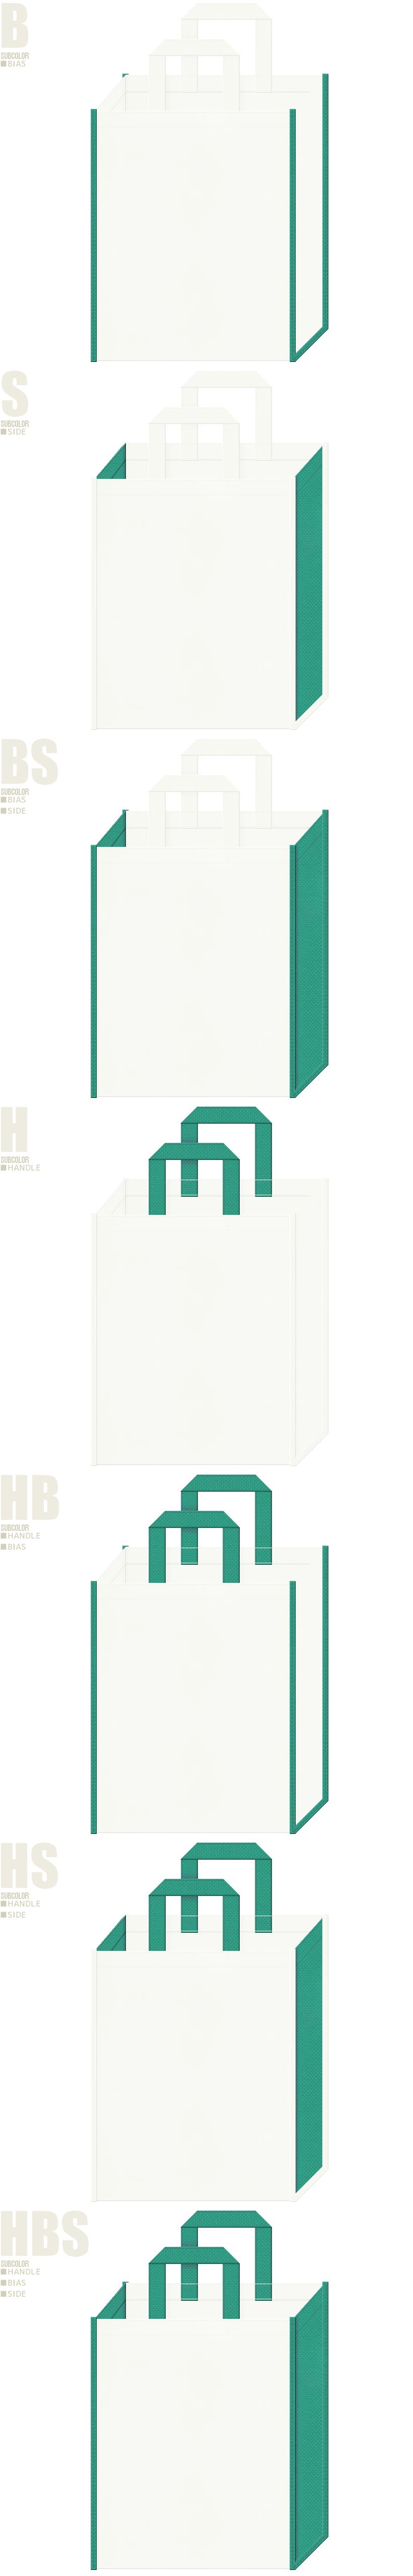 掃除・洗濯・日用品の展示会用バッグにお奨めです。オフホワイト色と青緑色の不織布バッグ配色7パターンのデザイン。